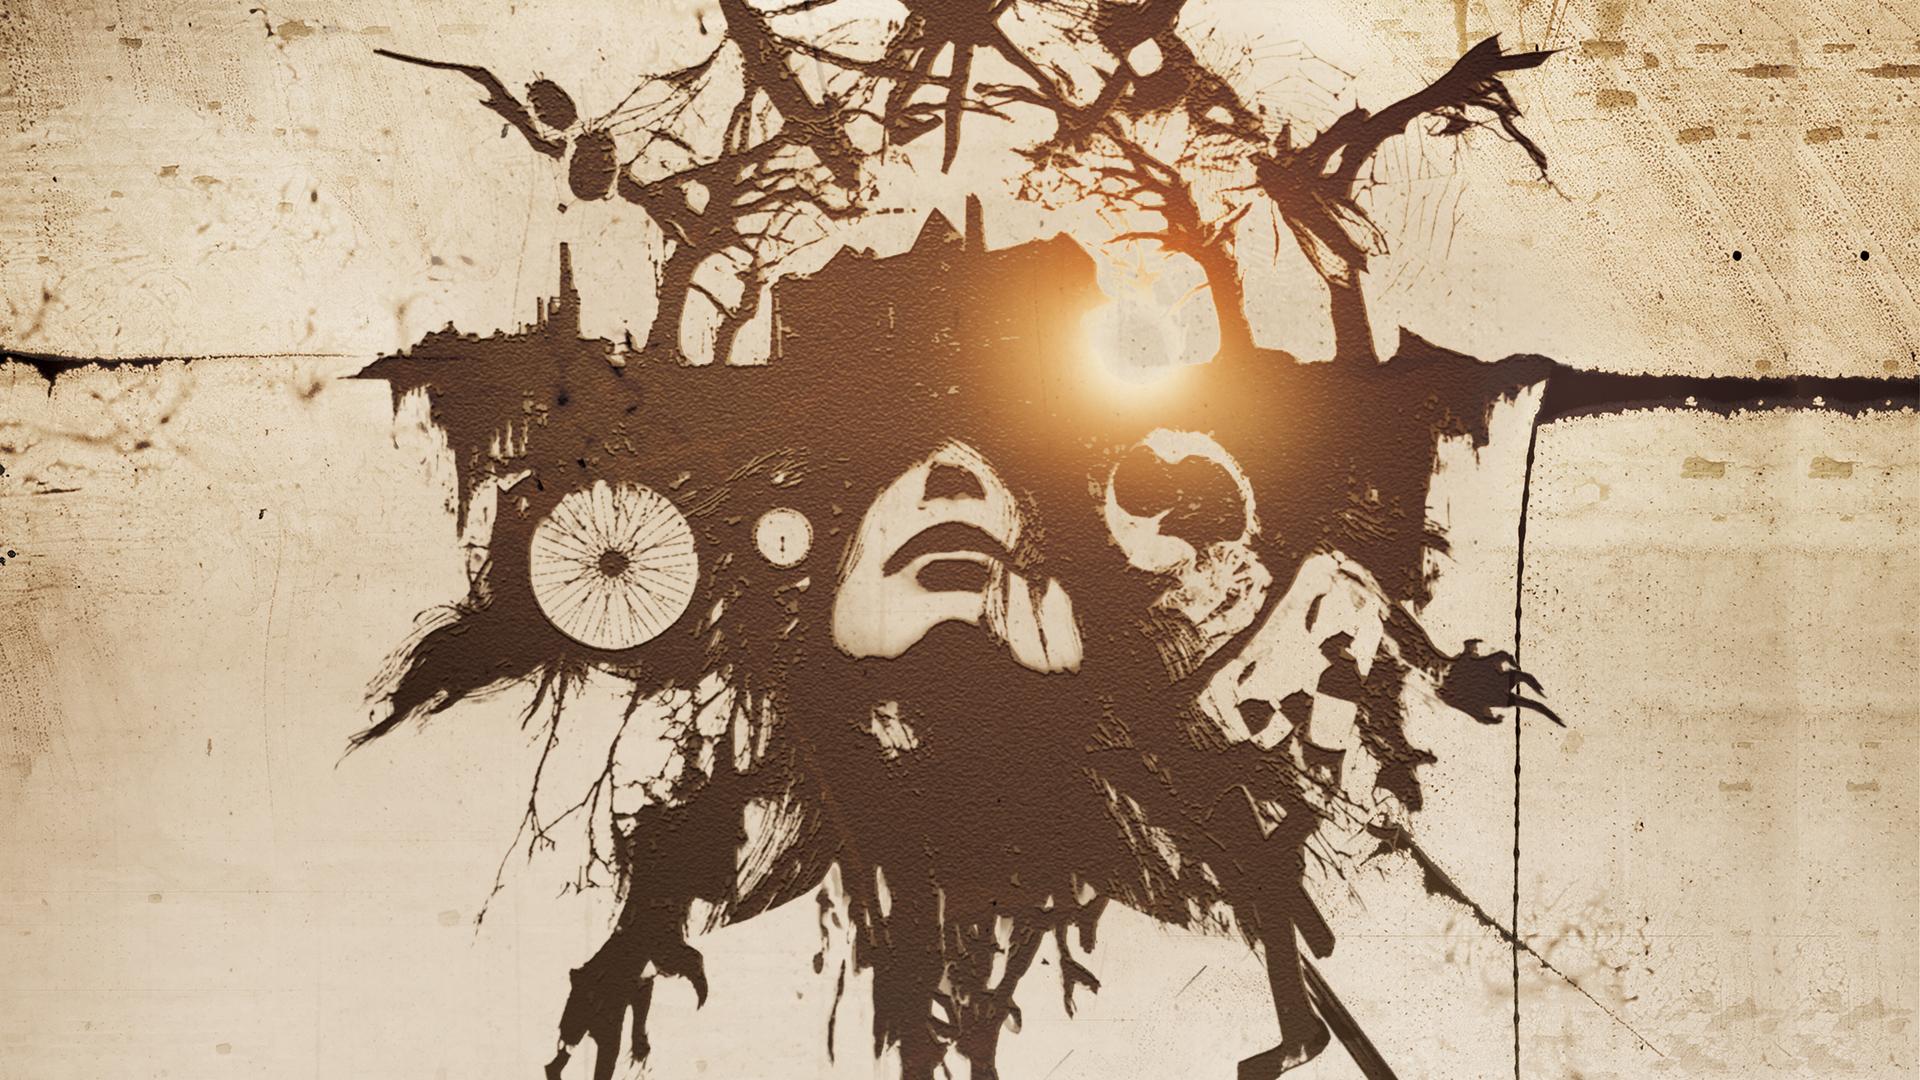 网传《生化危机8》将于2月份公布 登陆次世代主机